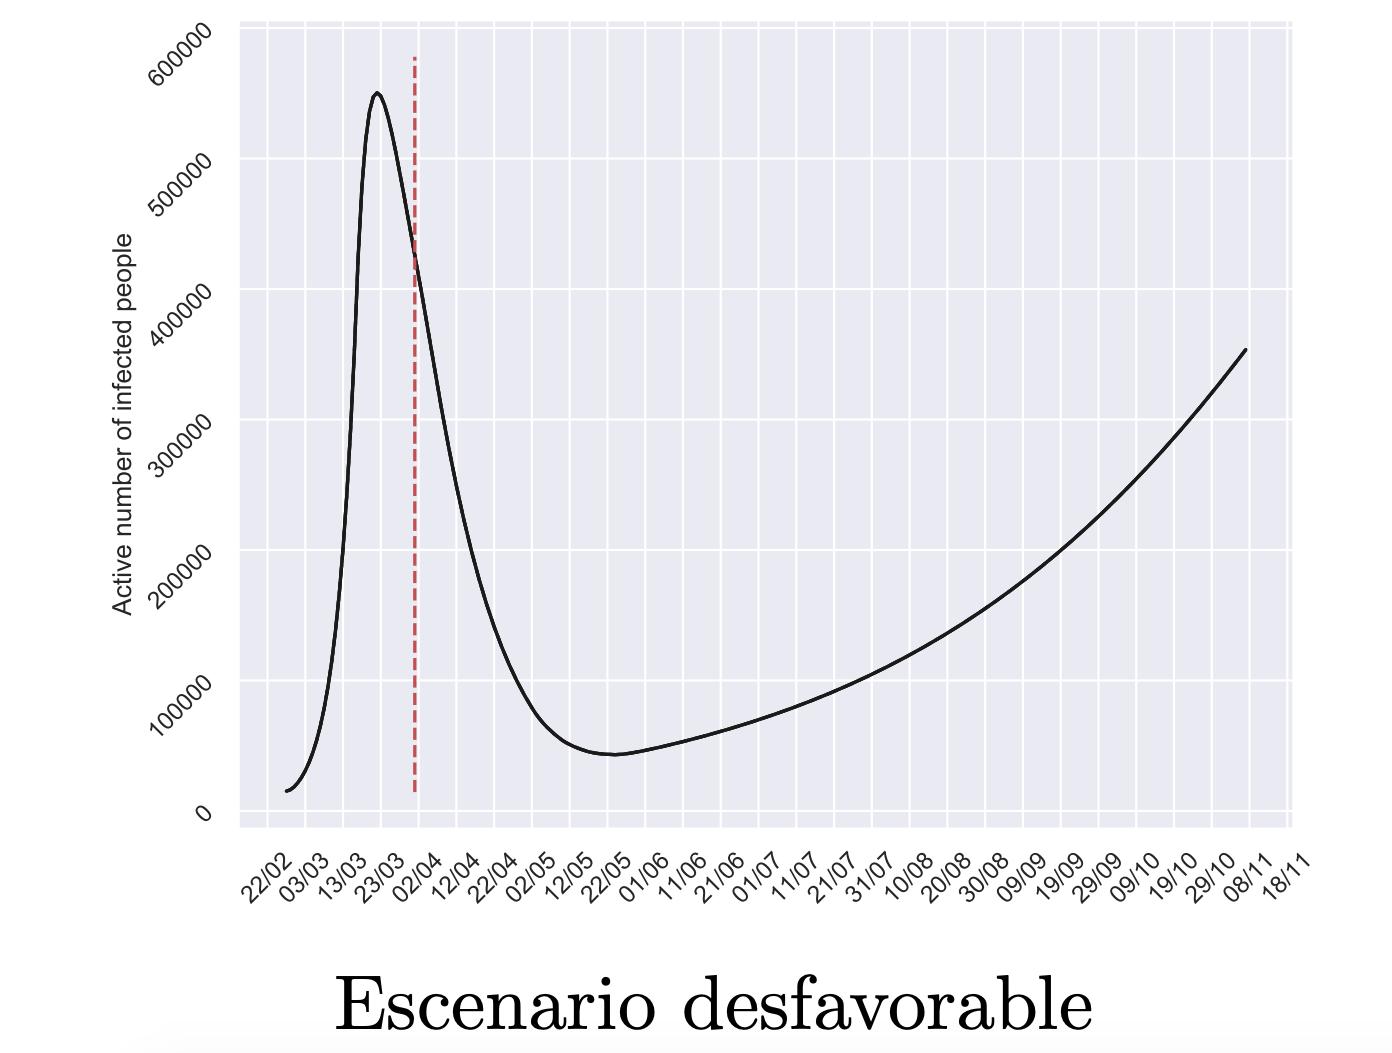 5-fin-cuarentena-coronavirus-espana-rebr